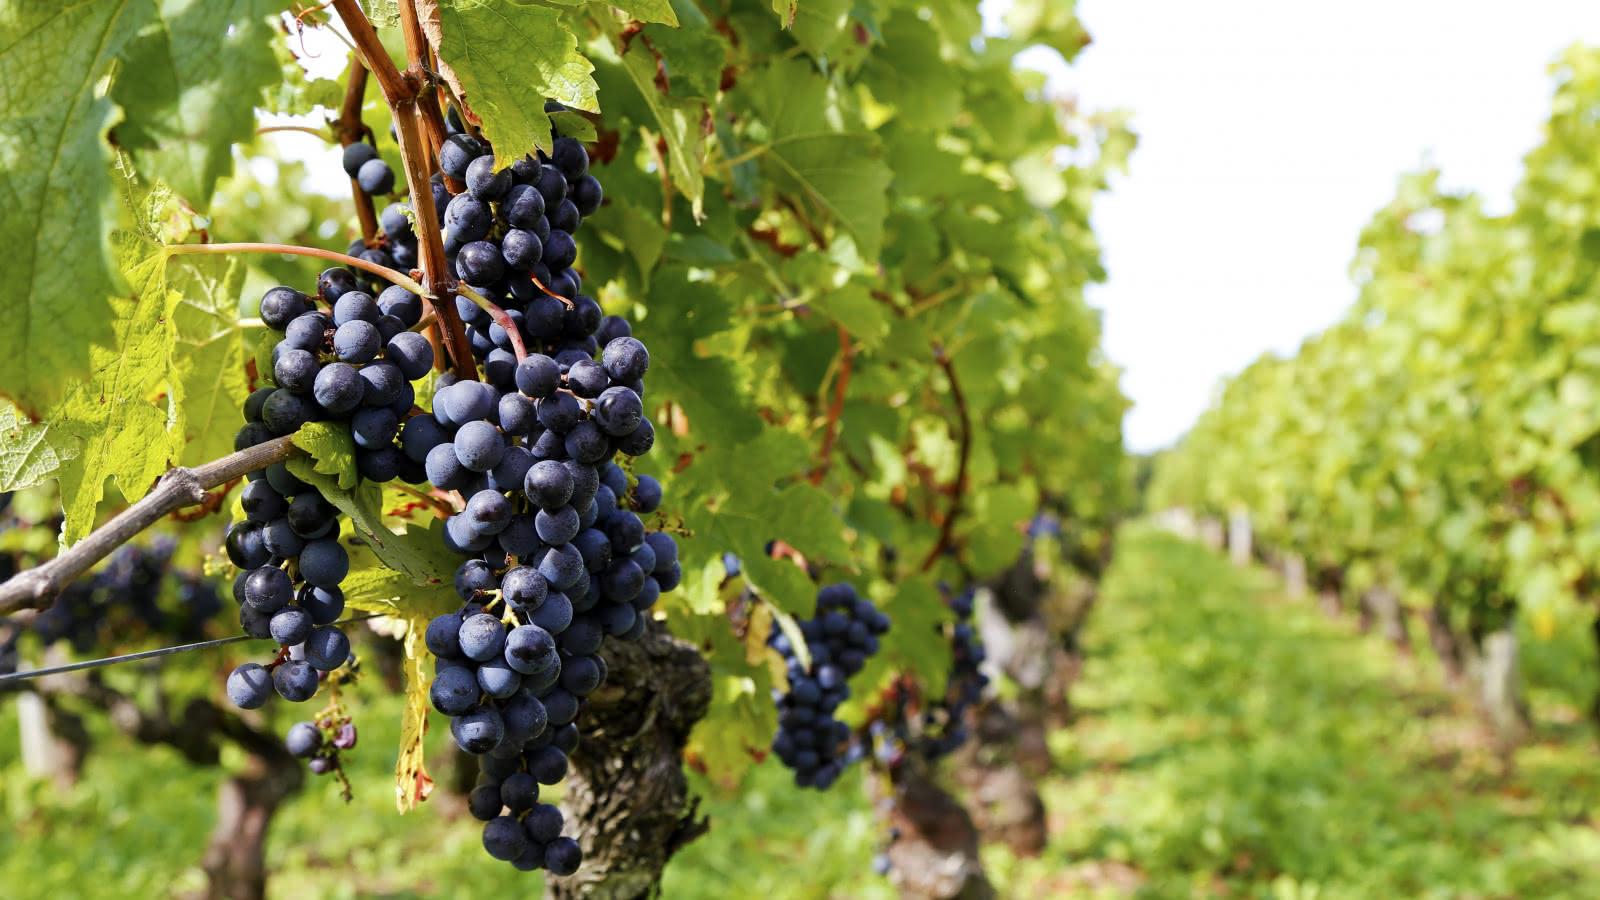 Vignes - © Djé - 1 moment 1 image (2)